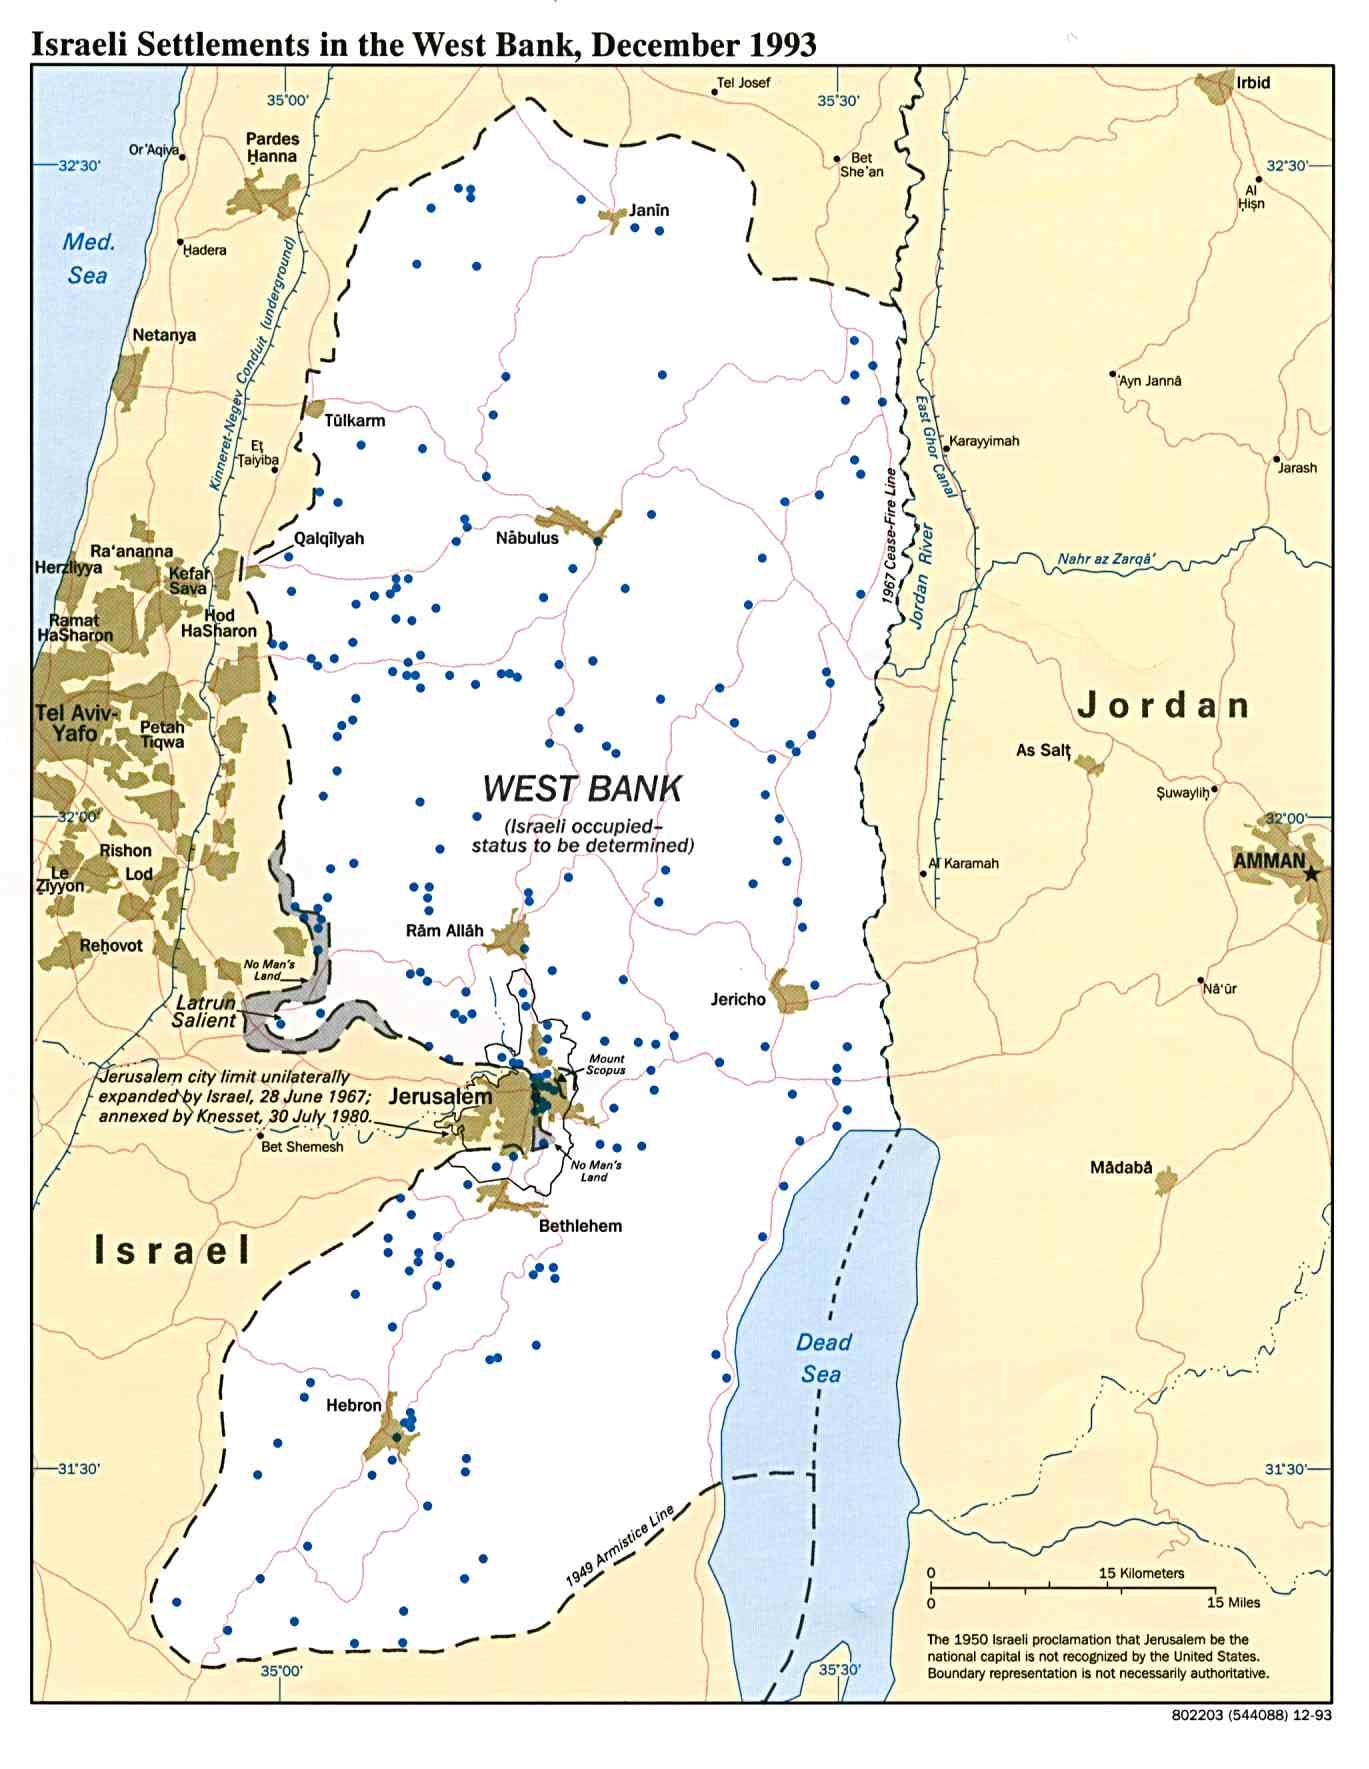 Mapa Politico de los Asentamientos Israelíes en Cisjordania Diciembre